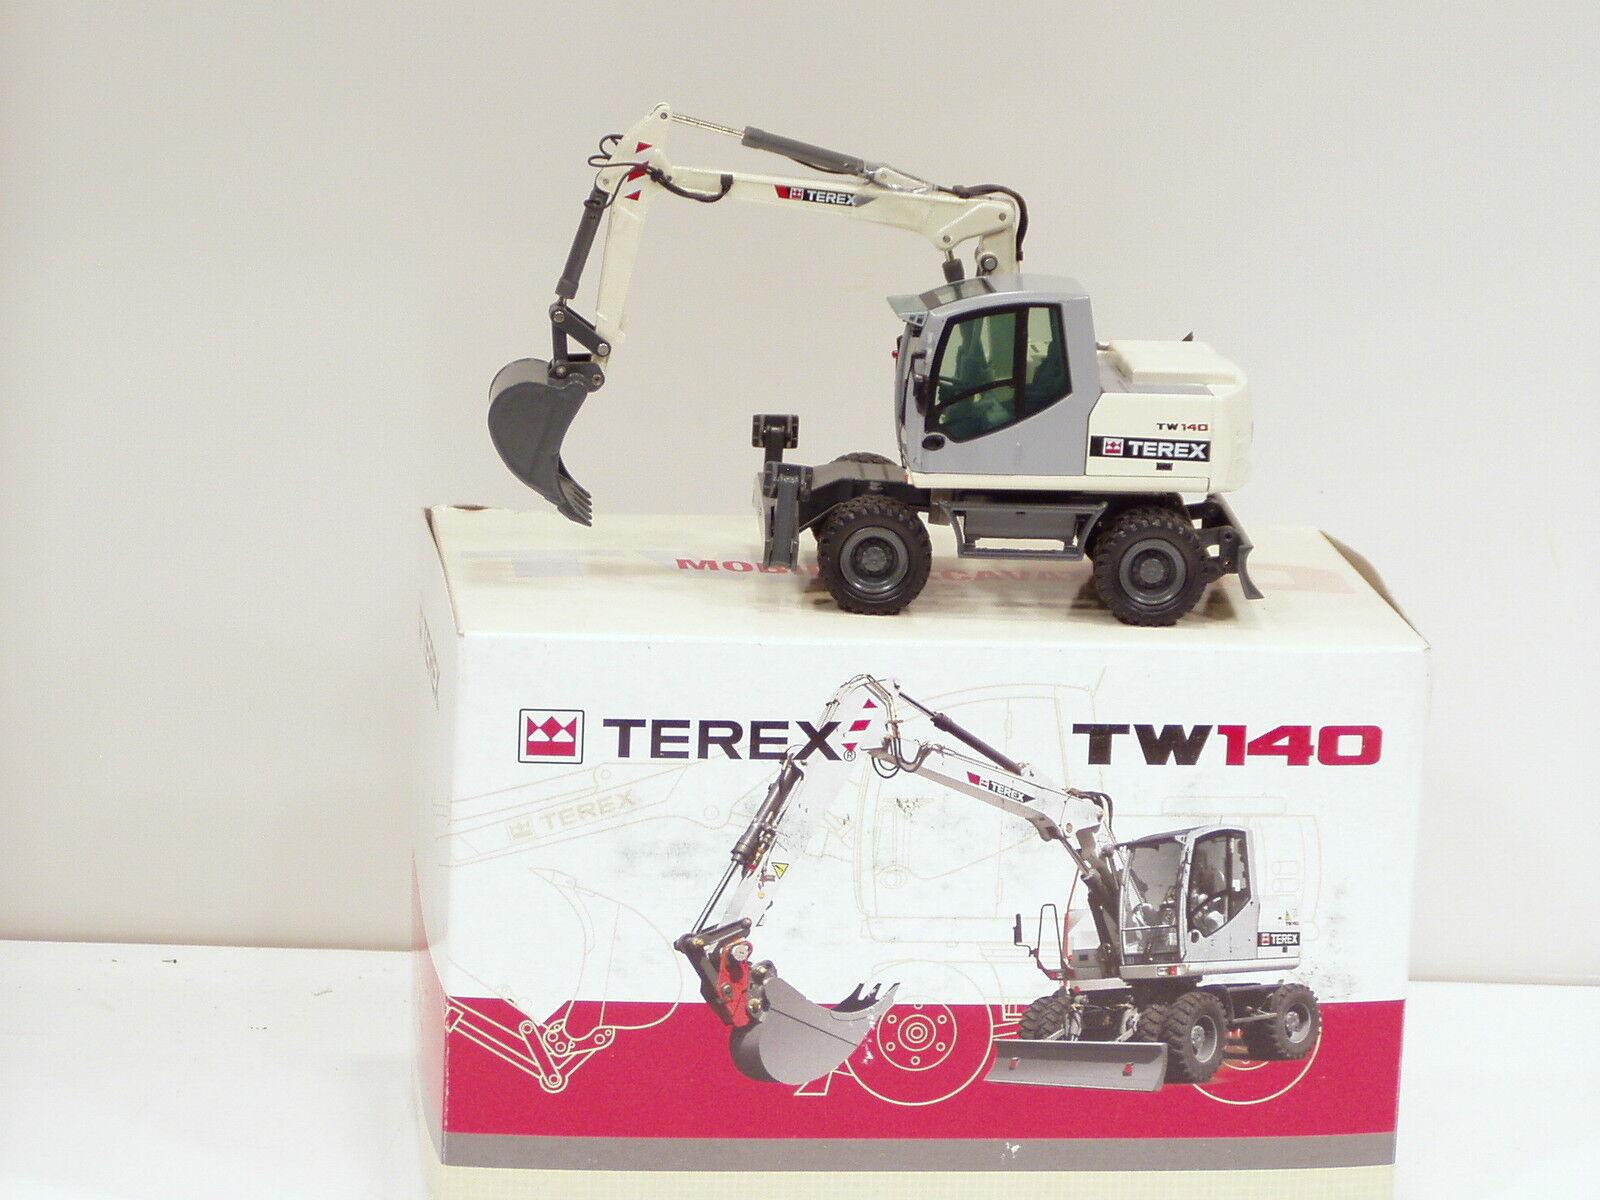 precios razonables Terex tw140 Rueda Excavadora - - - 1 50-Nzg   697-Mib  tomamos a los clientes como nuestro dios